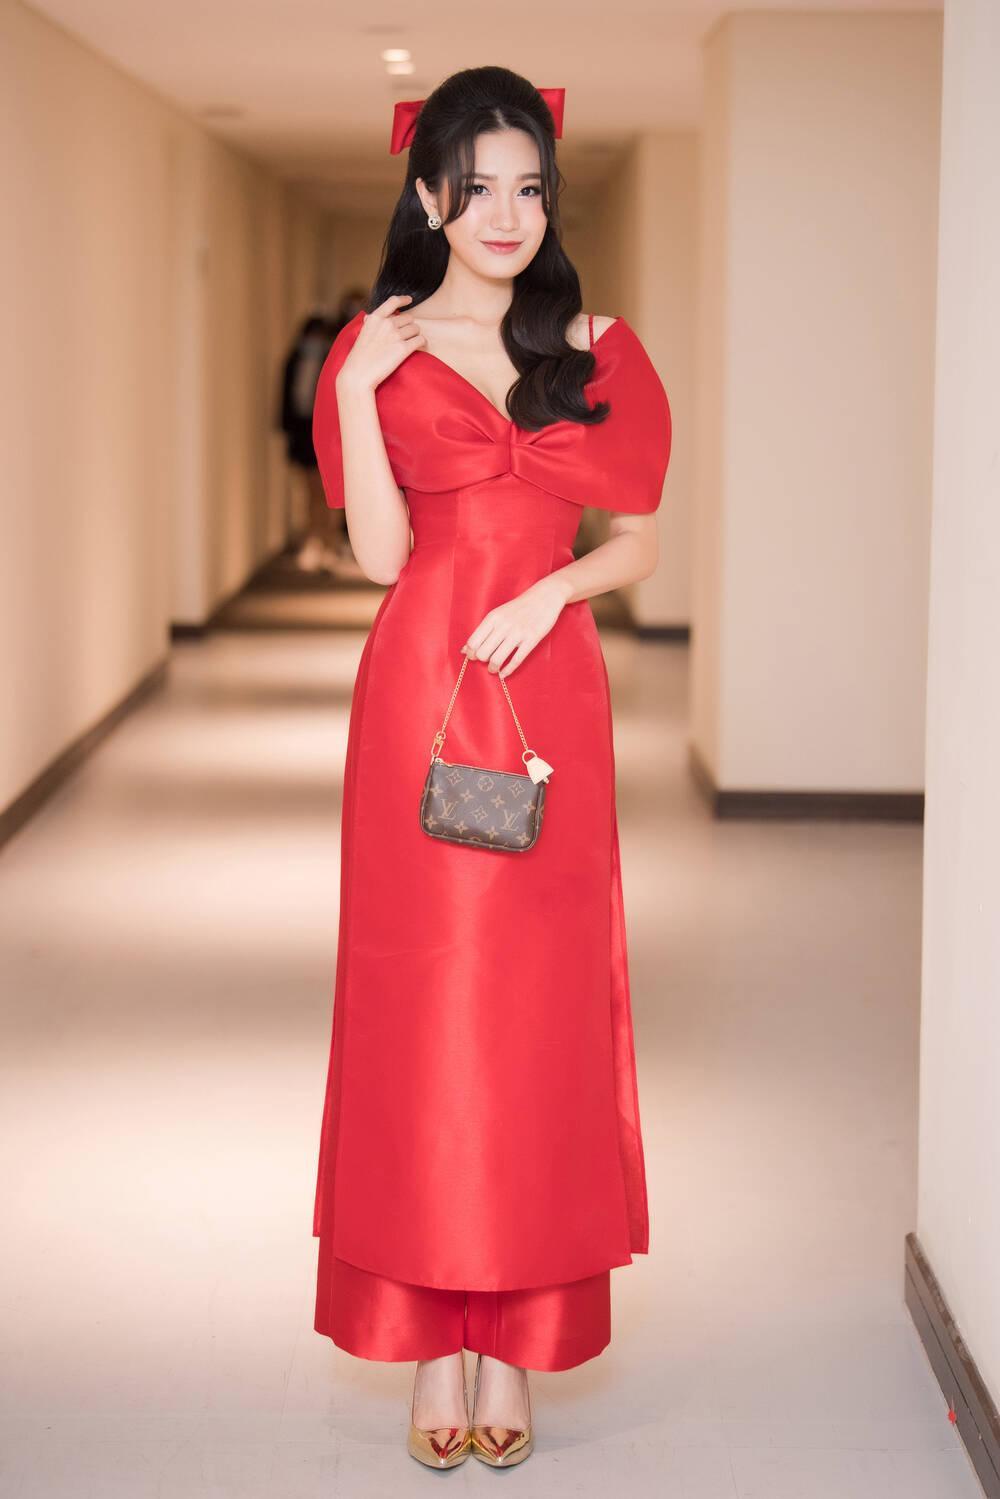 Doãn Hải My diện áo dài đỏ rực rỡ, hóa đóa hồng nhung thơm ngát tại sự kiện Ảnh 5